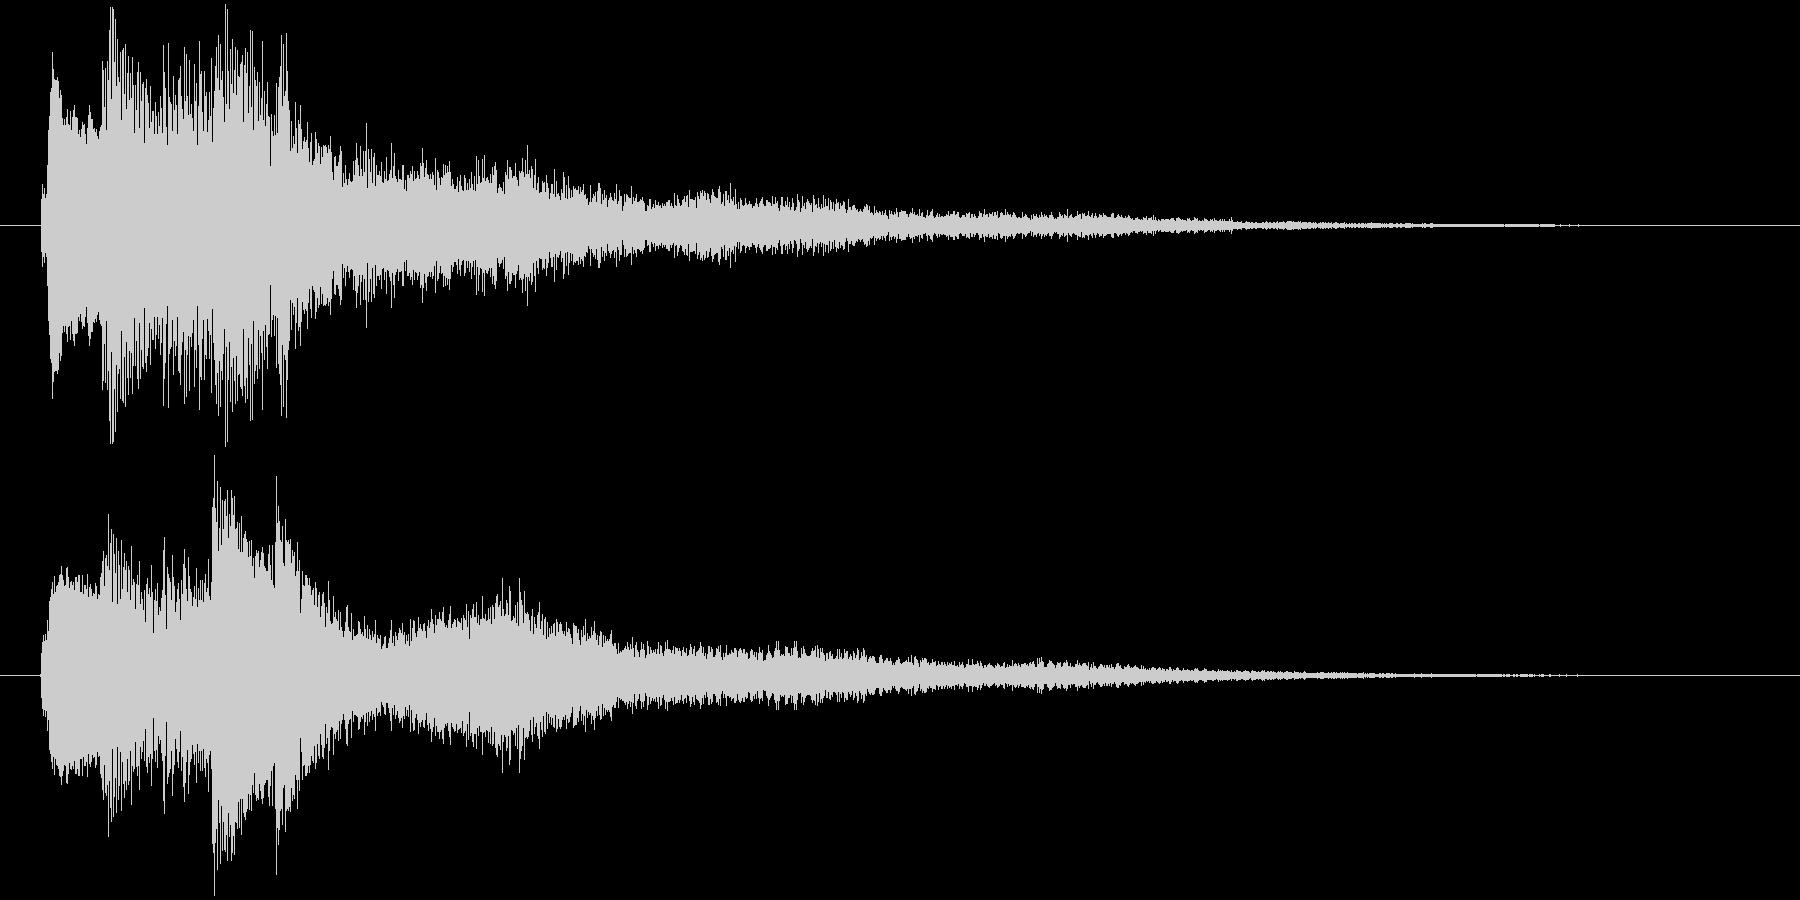 キラキラなサウンドロゴの未再生の波形